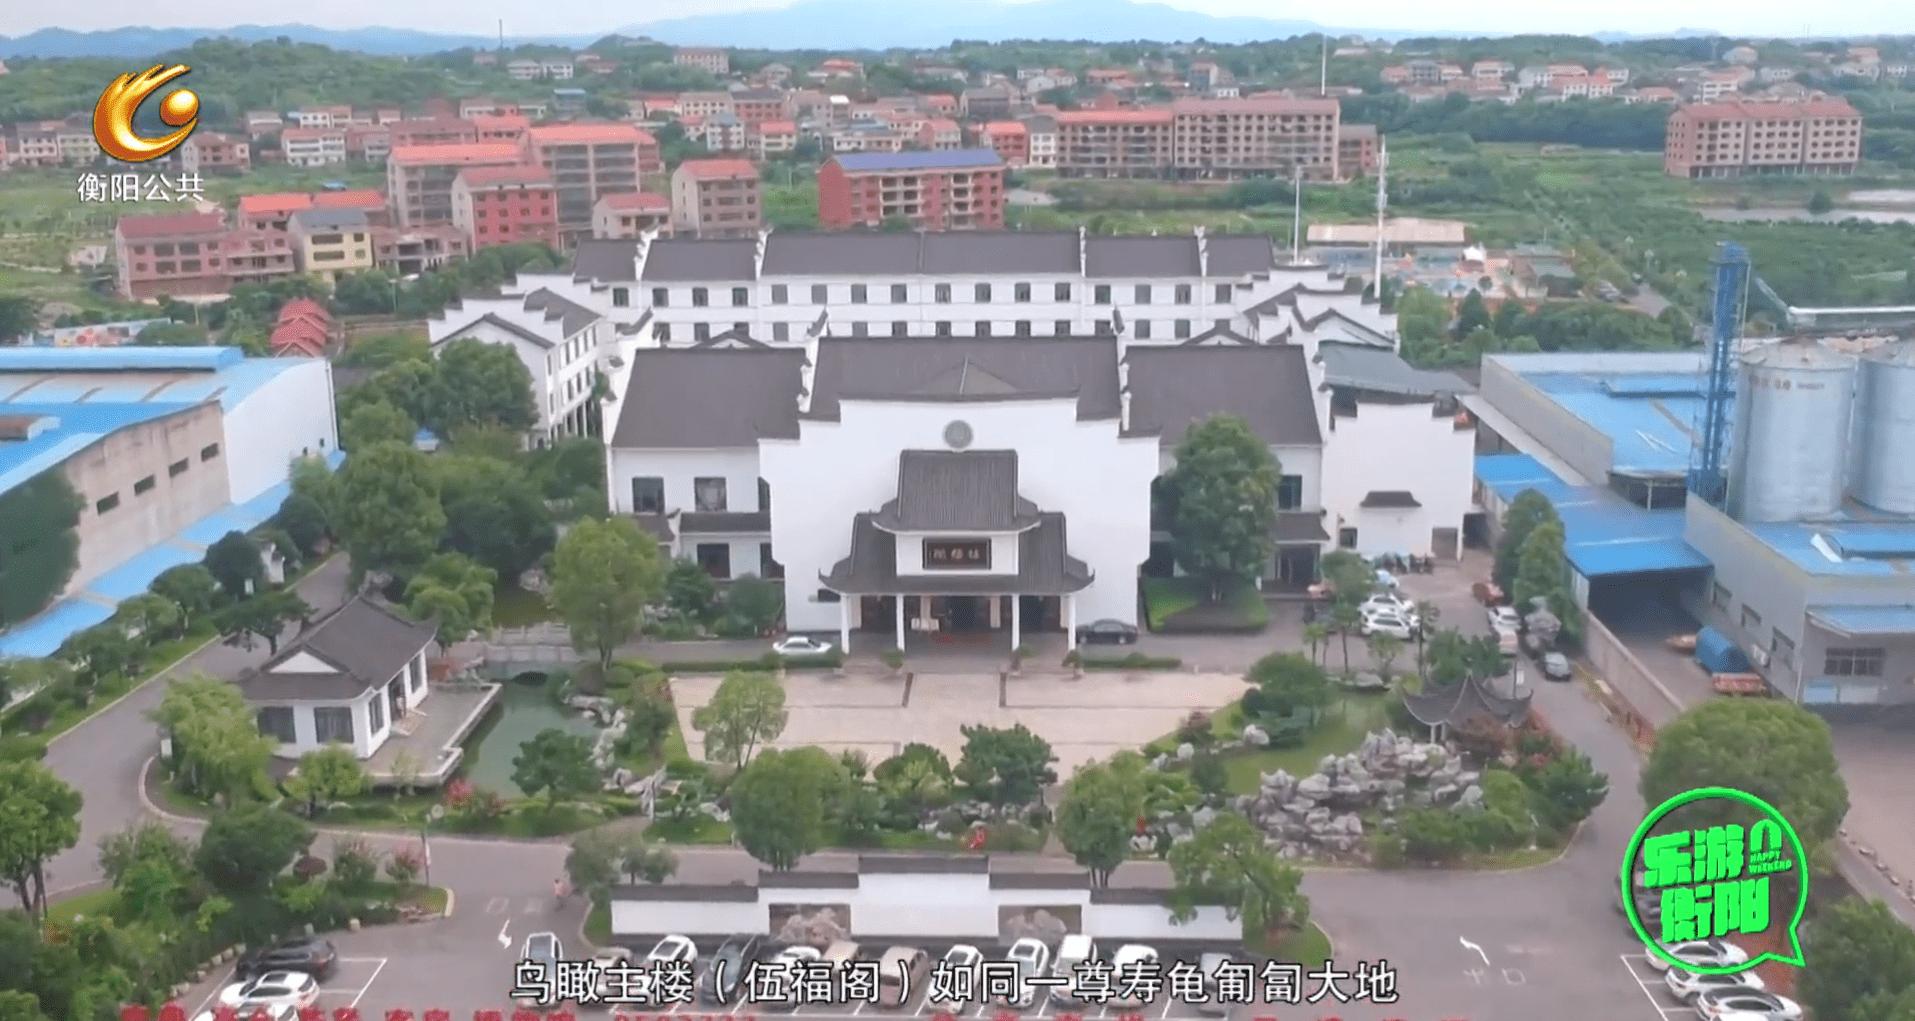 衡阳奇石文化博物馆:赏苏式园林,品奇石文化